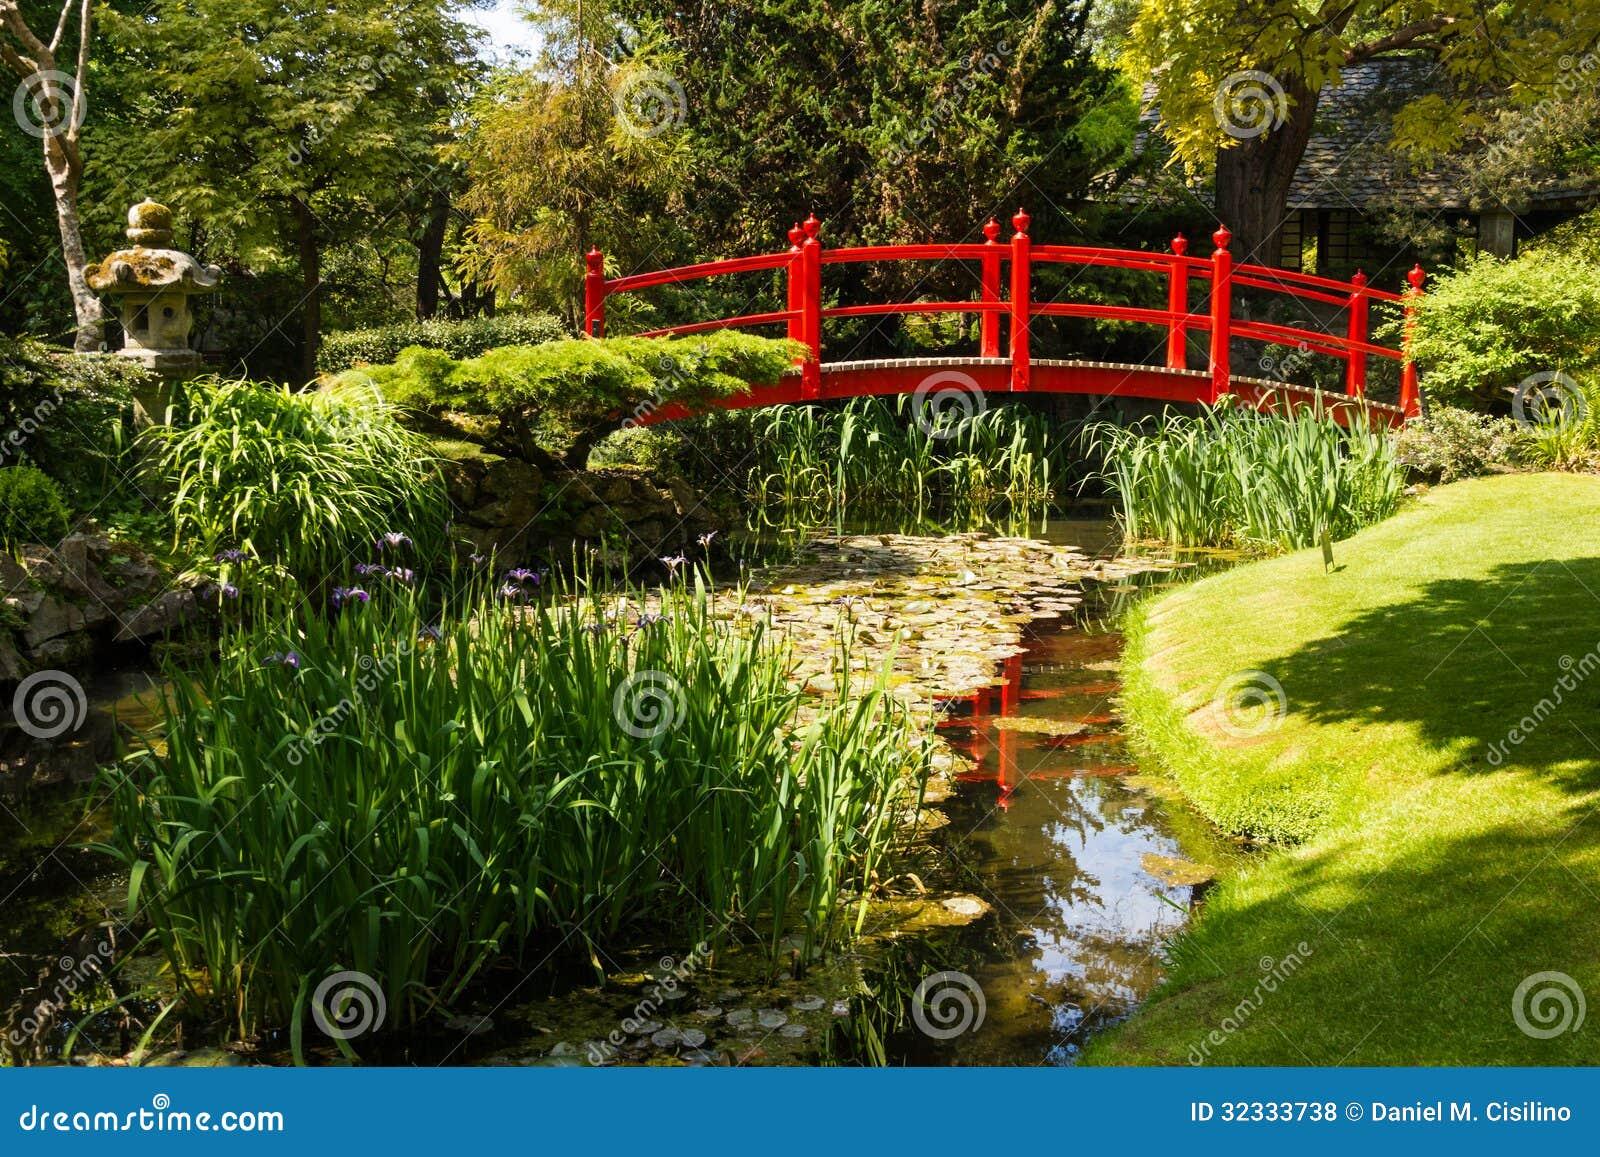 Pont rouge les jardins japonais du goujon national for Portique de jardin japonais